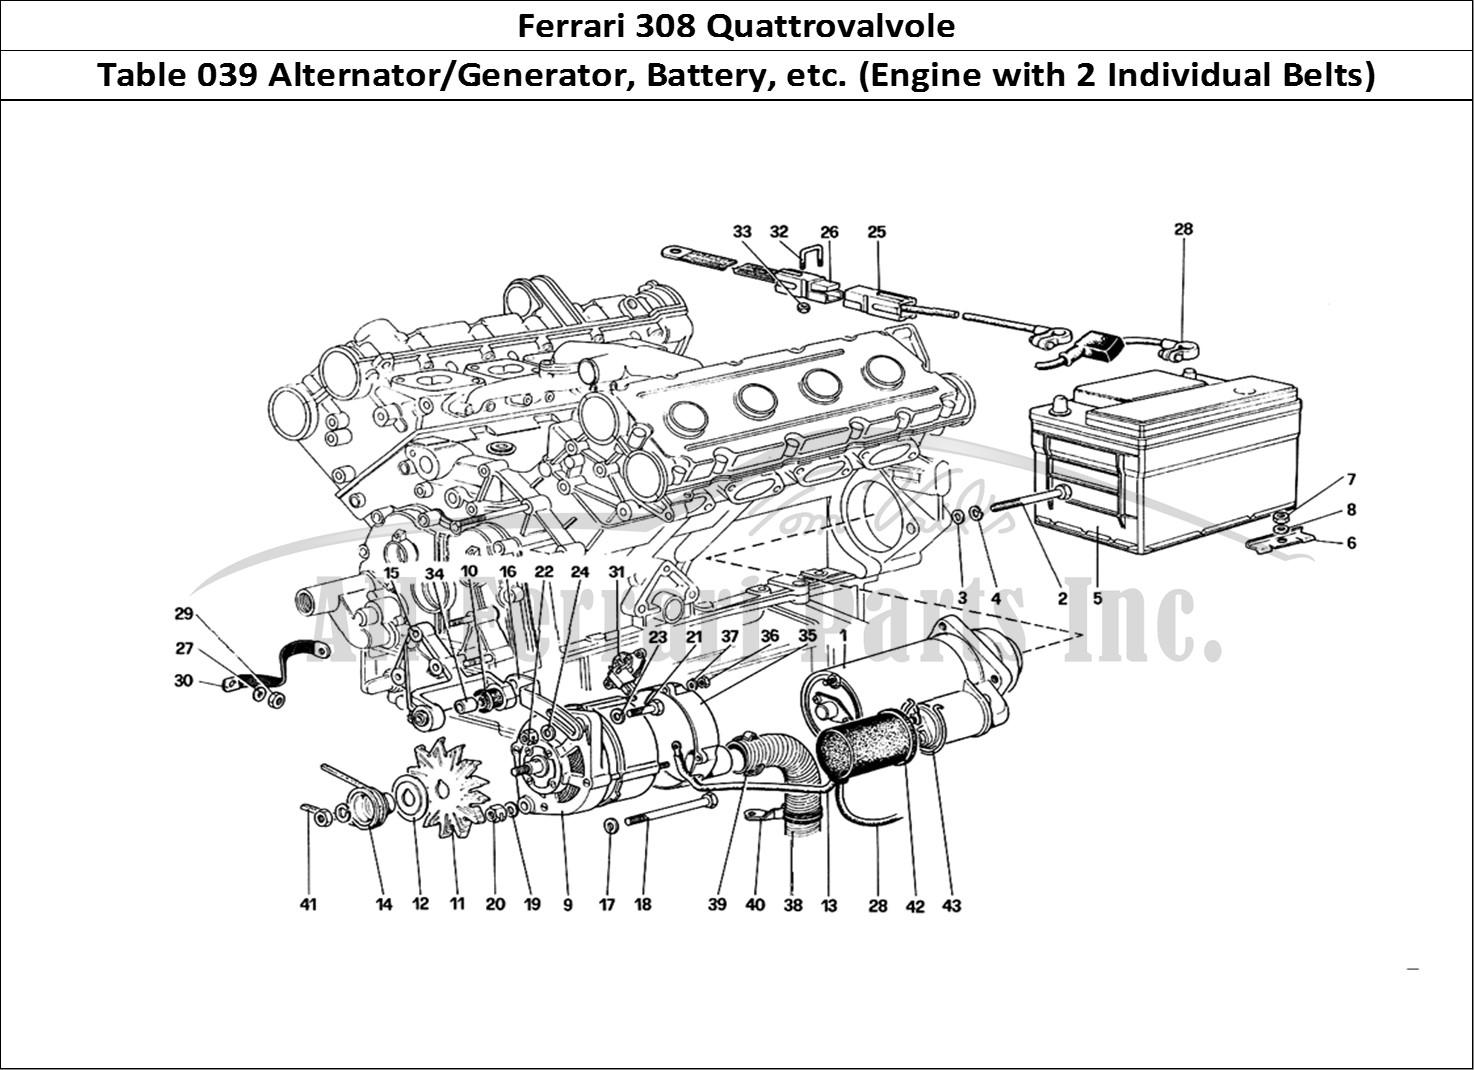 ferrari f12 engine diagram ferrari engine diagram buy original ferrari 308 quattrovalvole 039 alternator ... #3